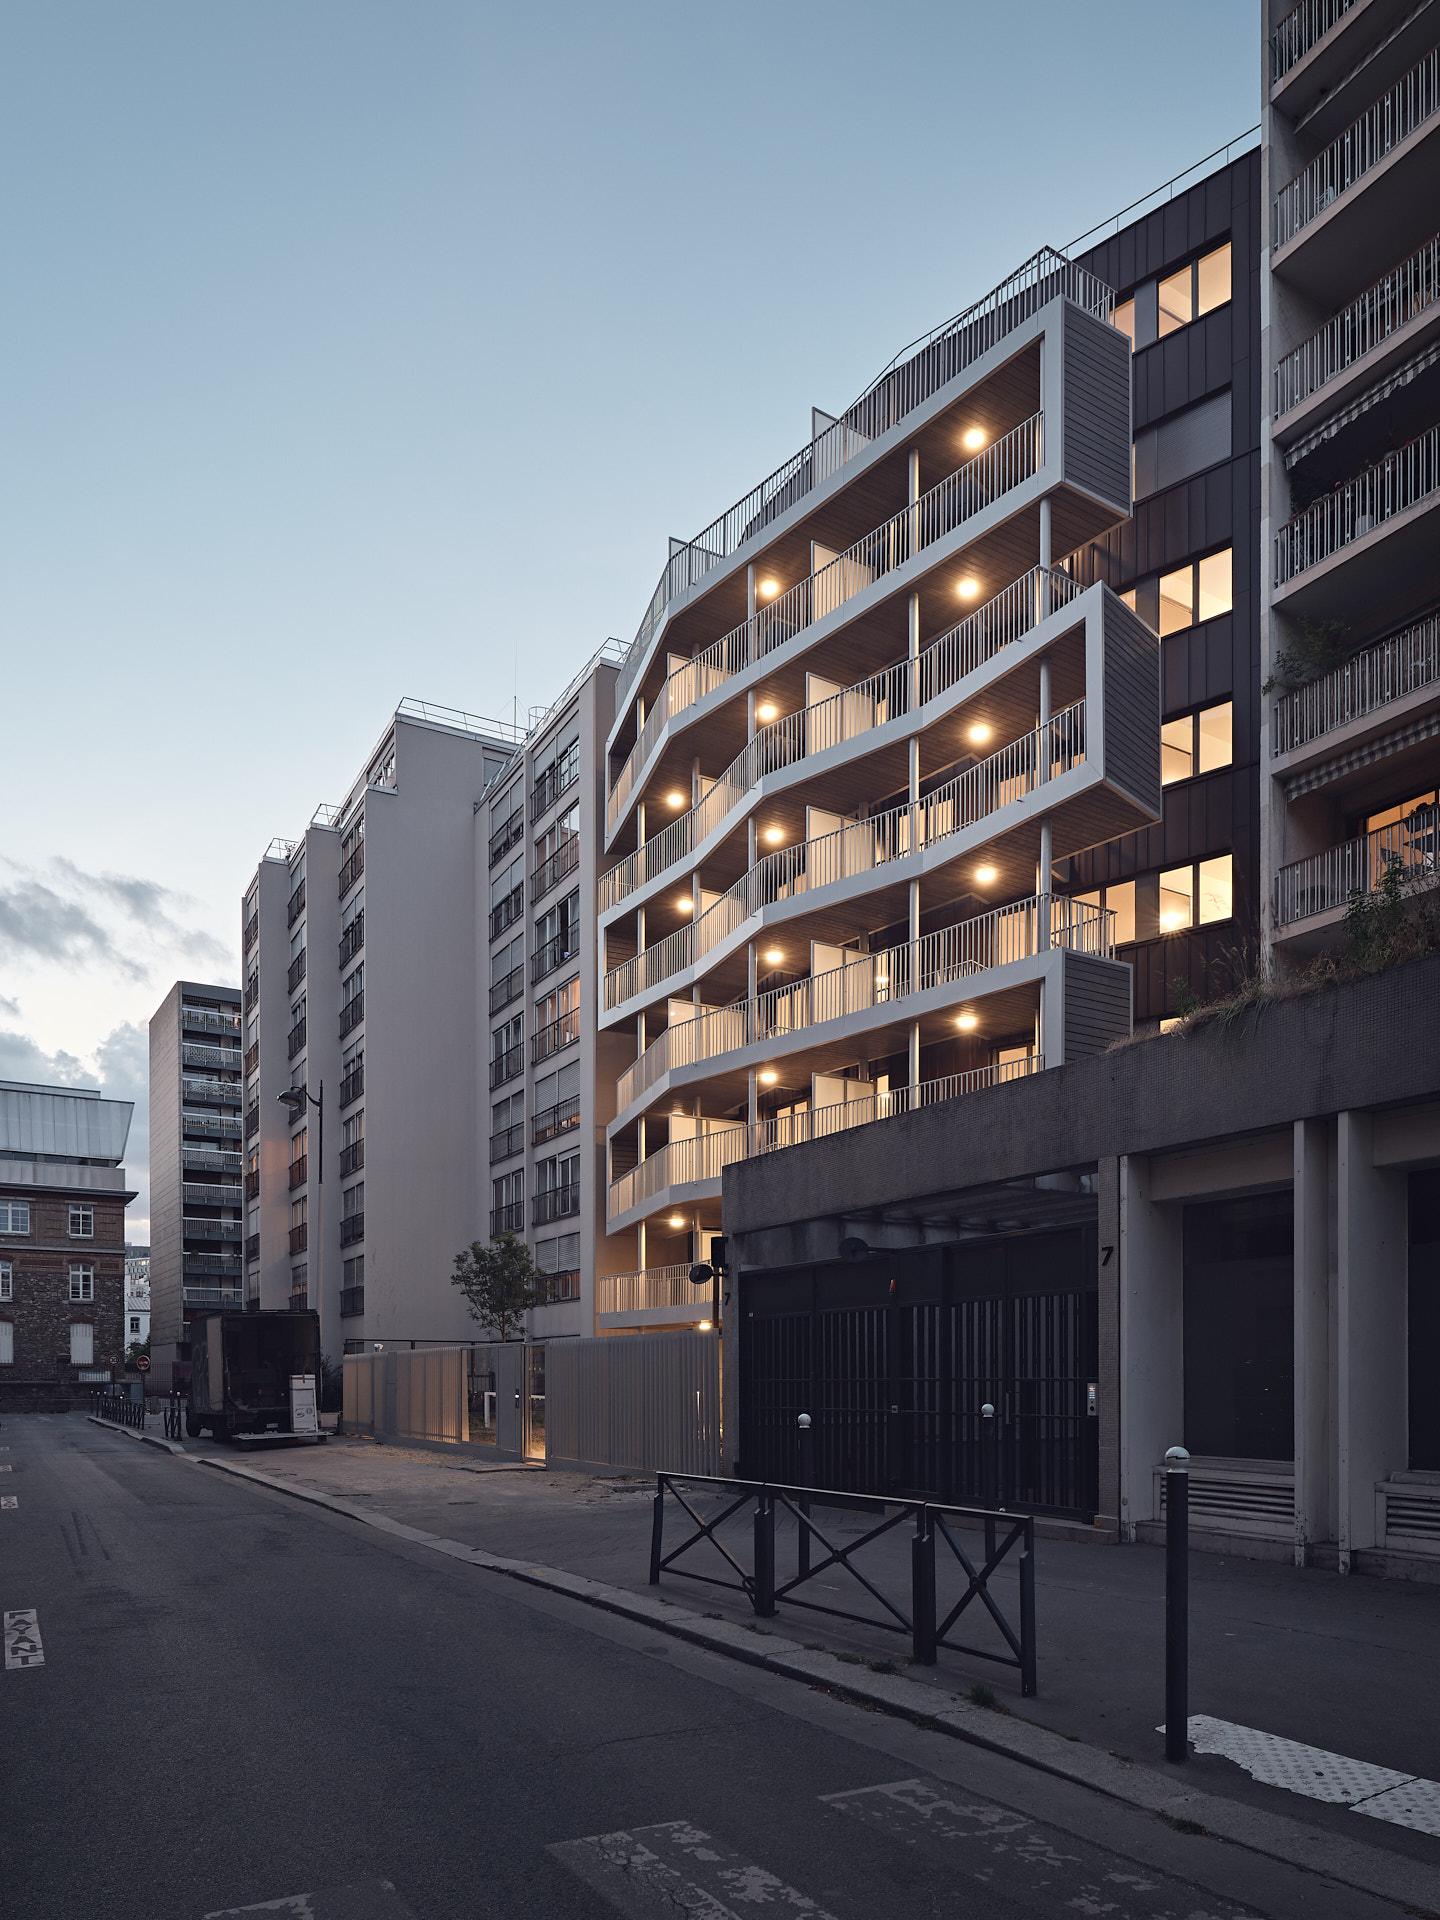 Agence Michel Ferranet